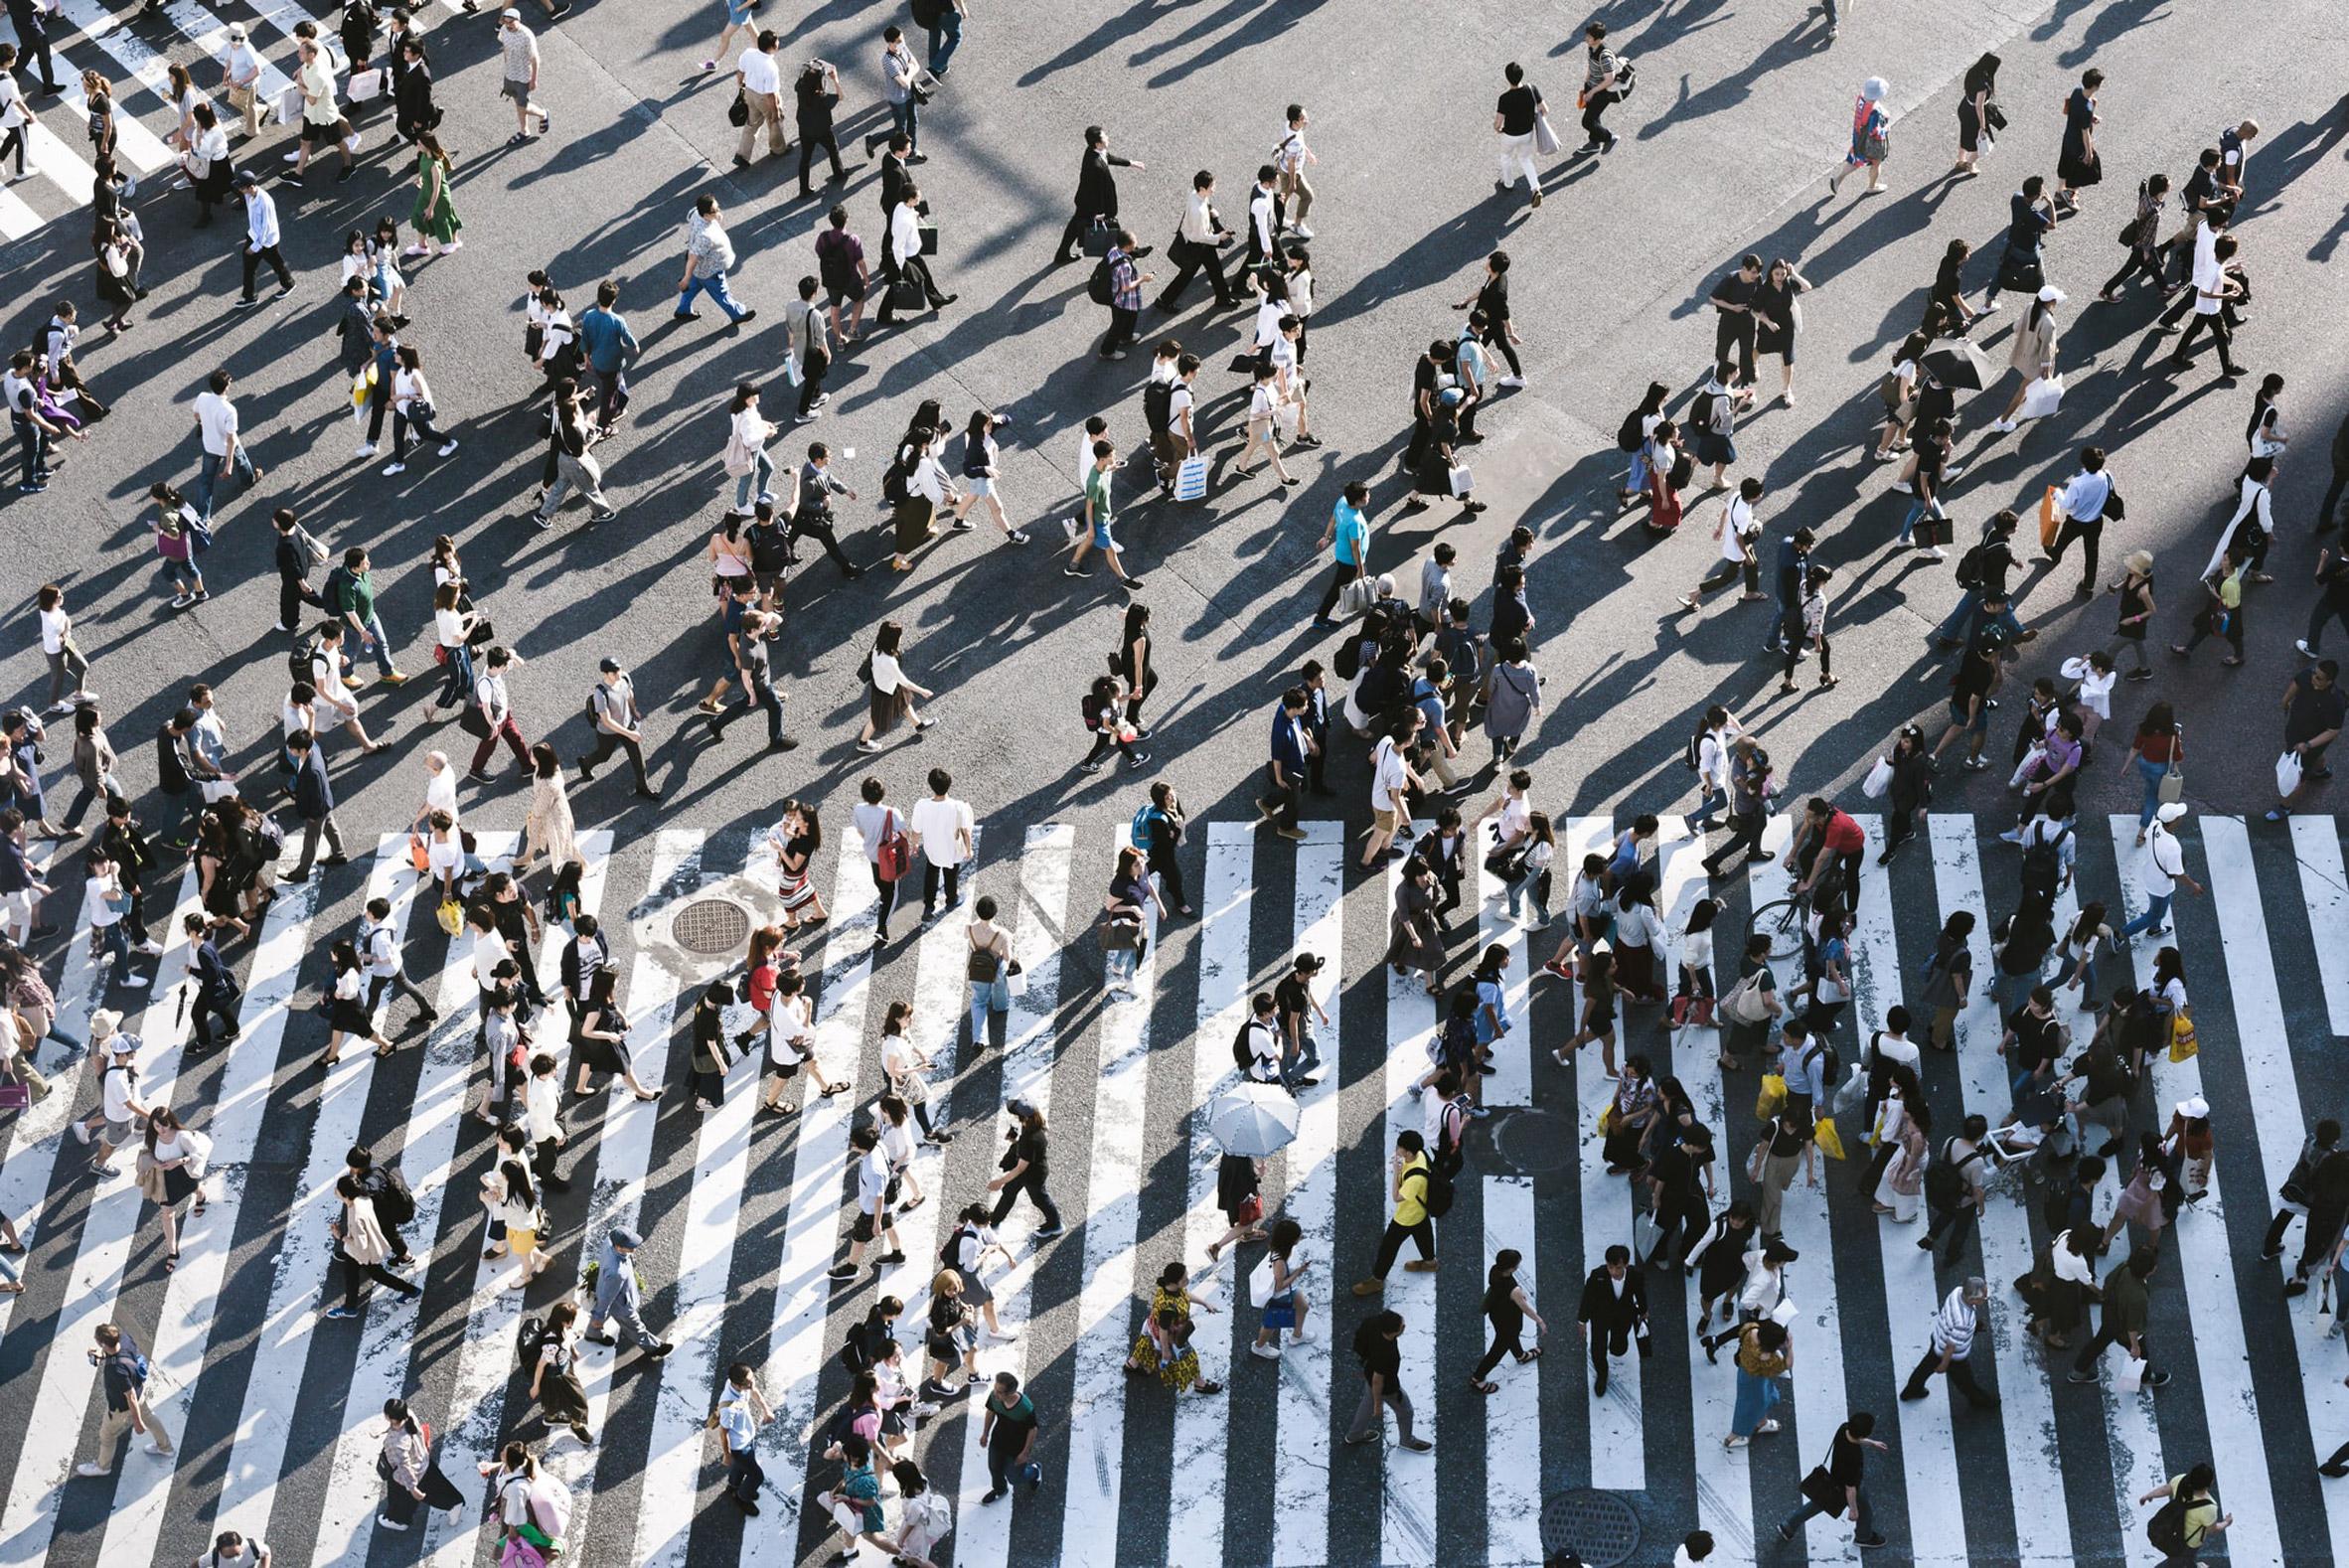 Crowded pedestrian crossing